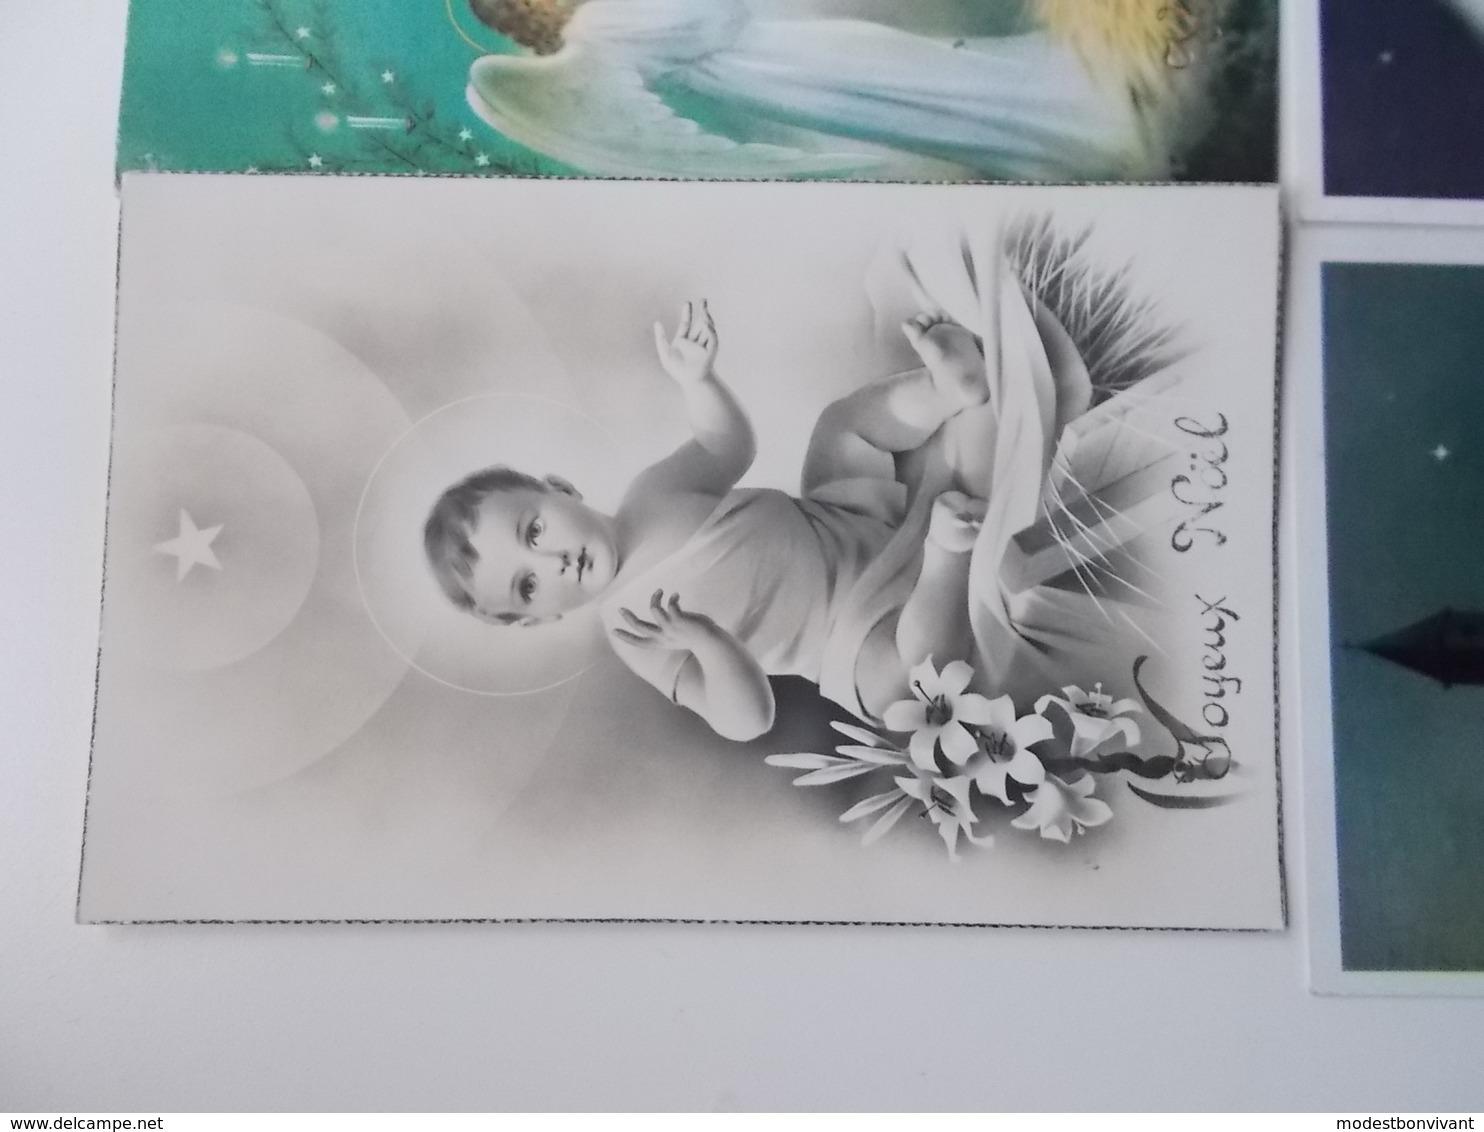 Lot 4 Vintage, Romantiek, Amitiès, Liefde, Amour, Begin 1900, Folklore, Wensen, Bloemen,  JOYEUX NOËL./ KERST.... # 13 - Fancy Cards